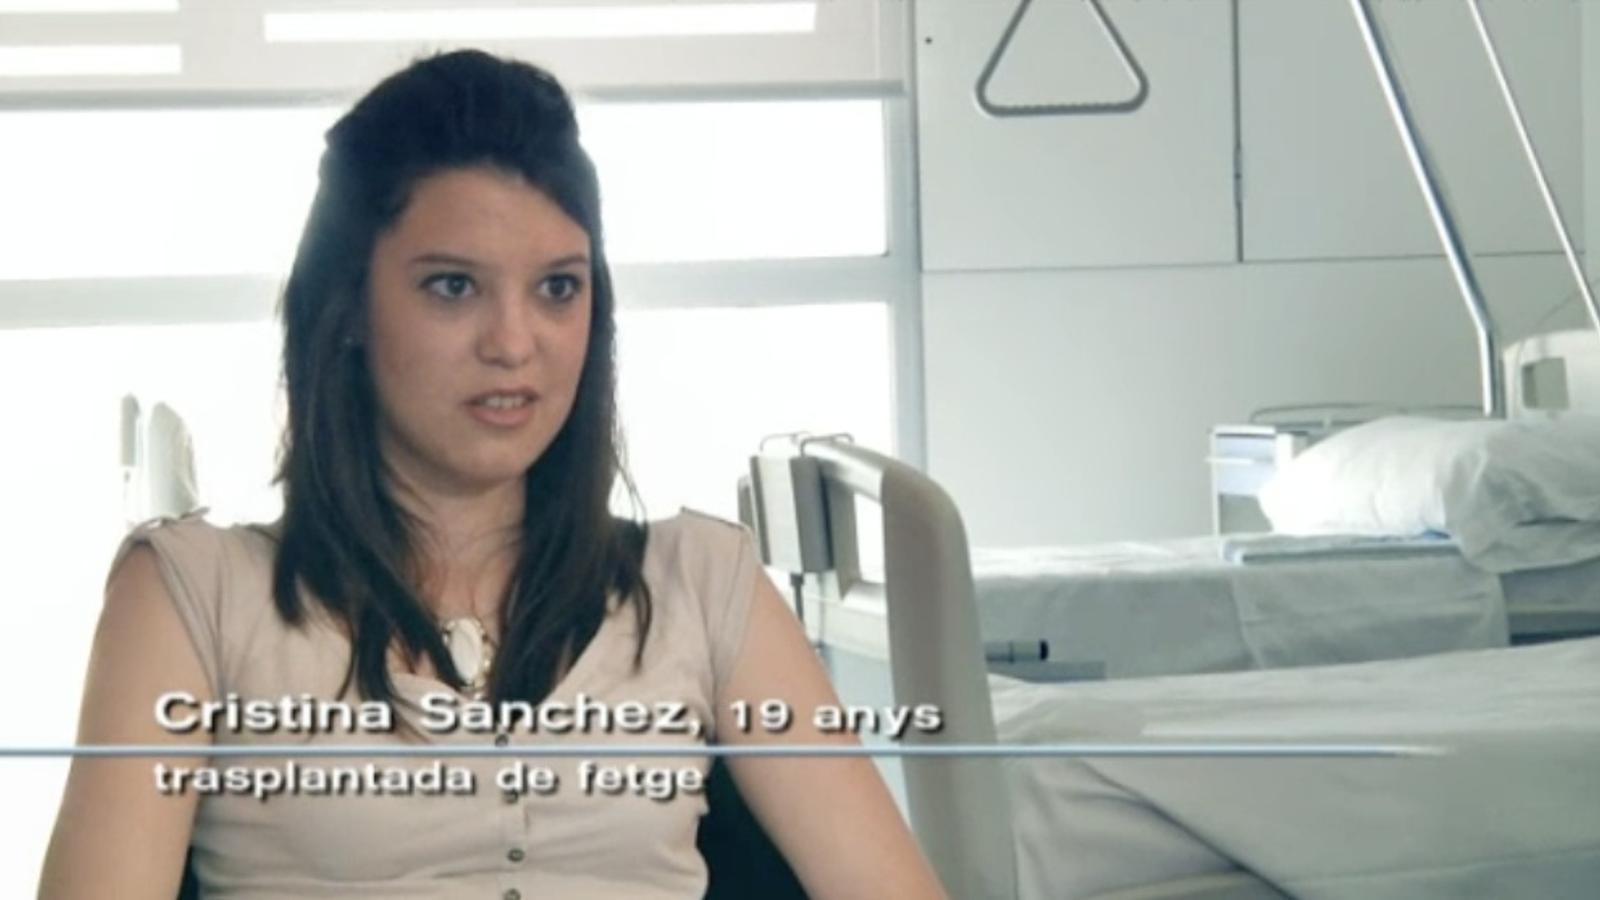 TV3 penja un vídeo divulgatiu de 'La Marató' 2011, dedicada a la regeneració i trasplantament d'òrgans i teixits